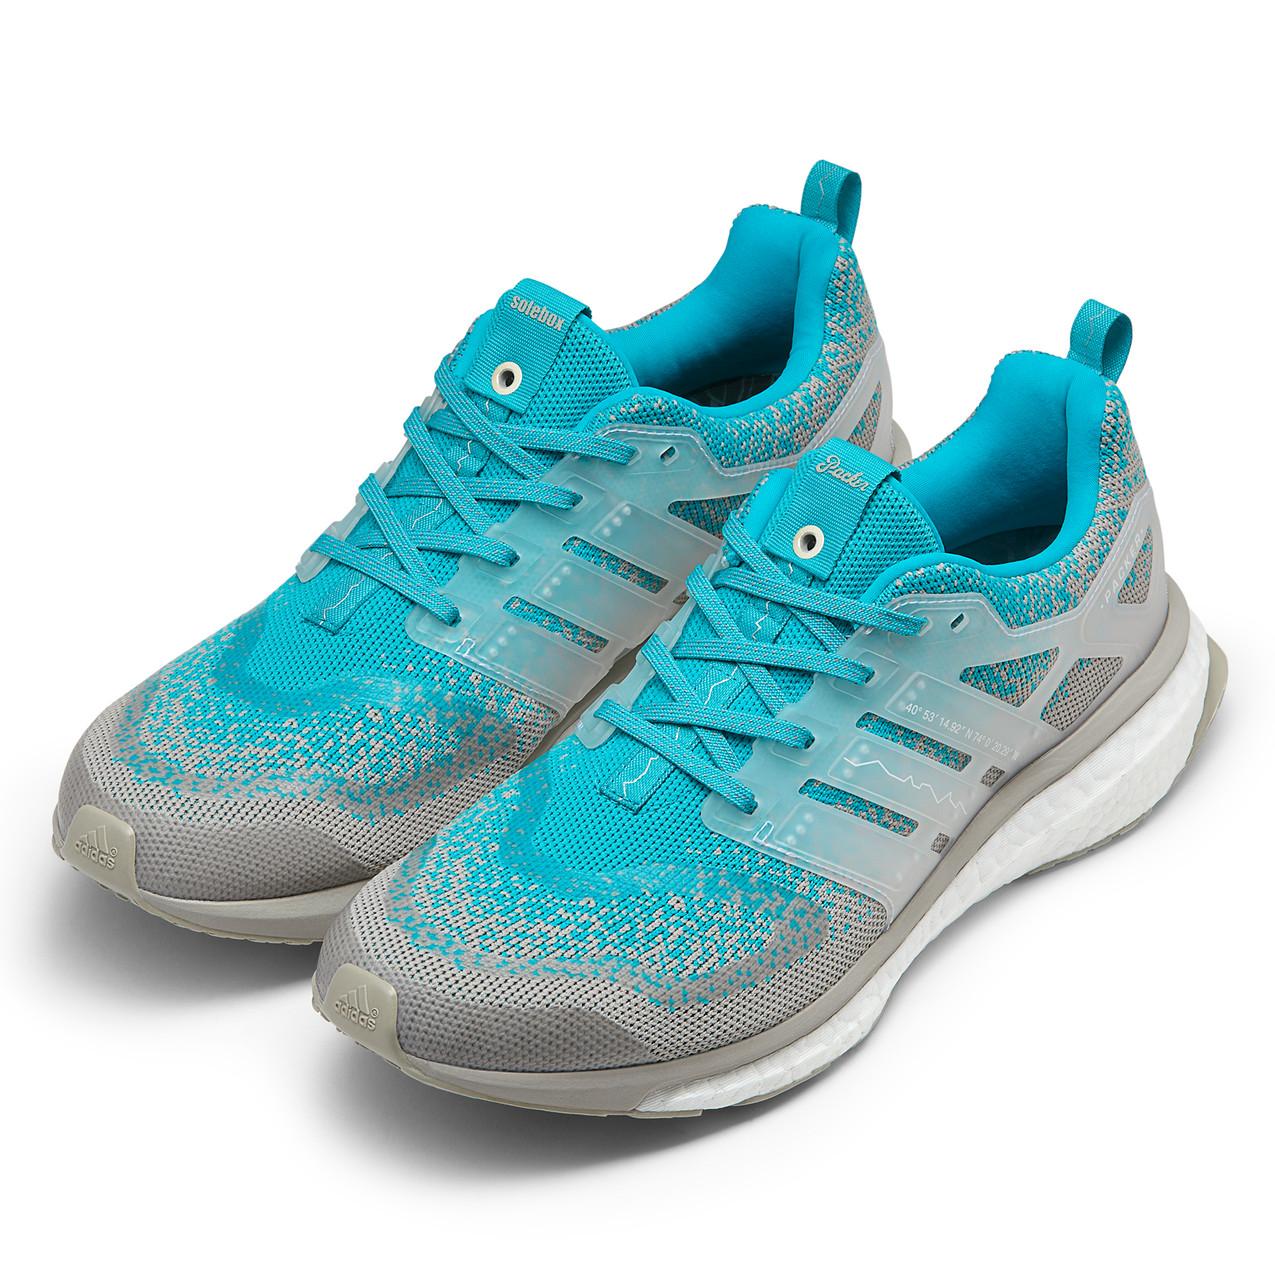 adidas Originals_Consortium_Packer X Solebox_TENIS ENERGY BOOST SE_R$699,99 (6)